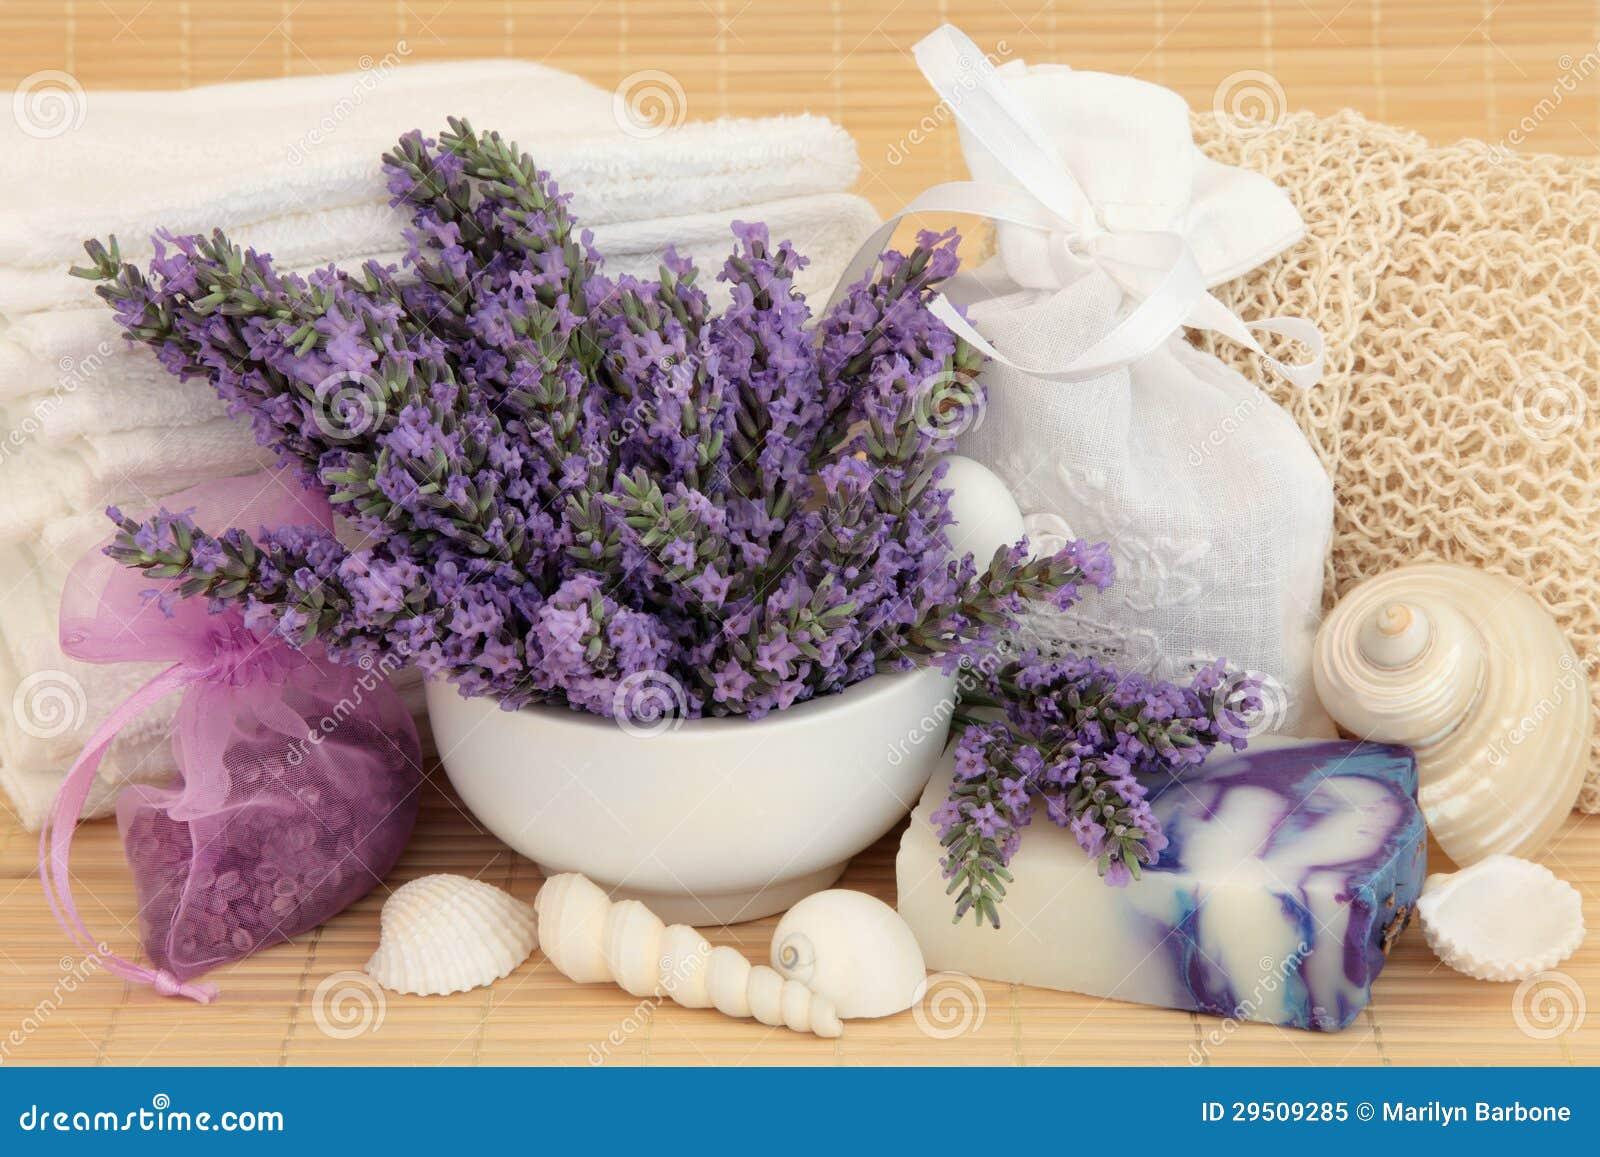 Lavendel Herb Spa